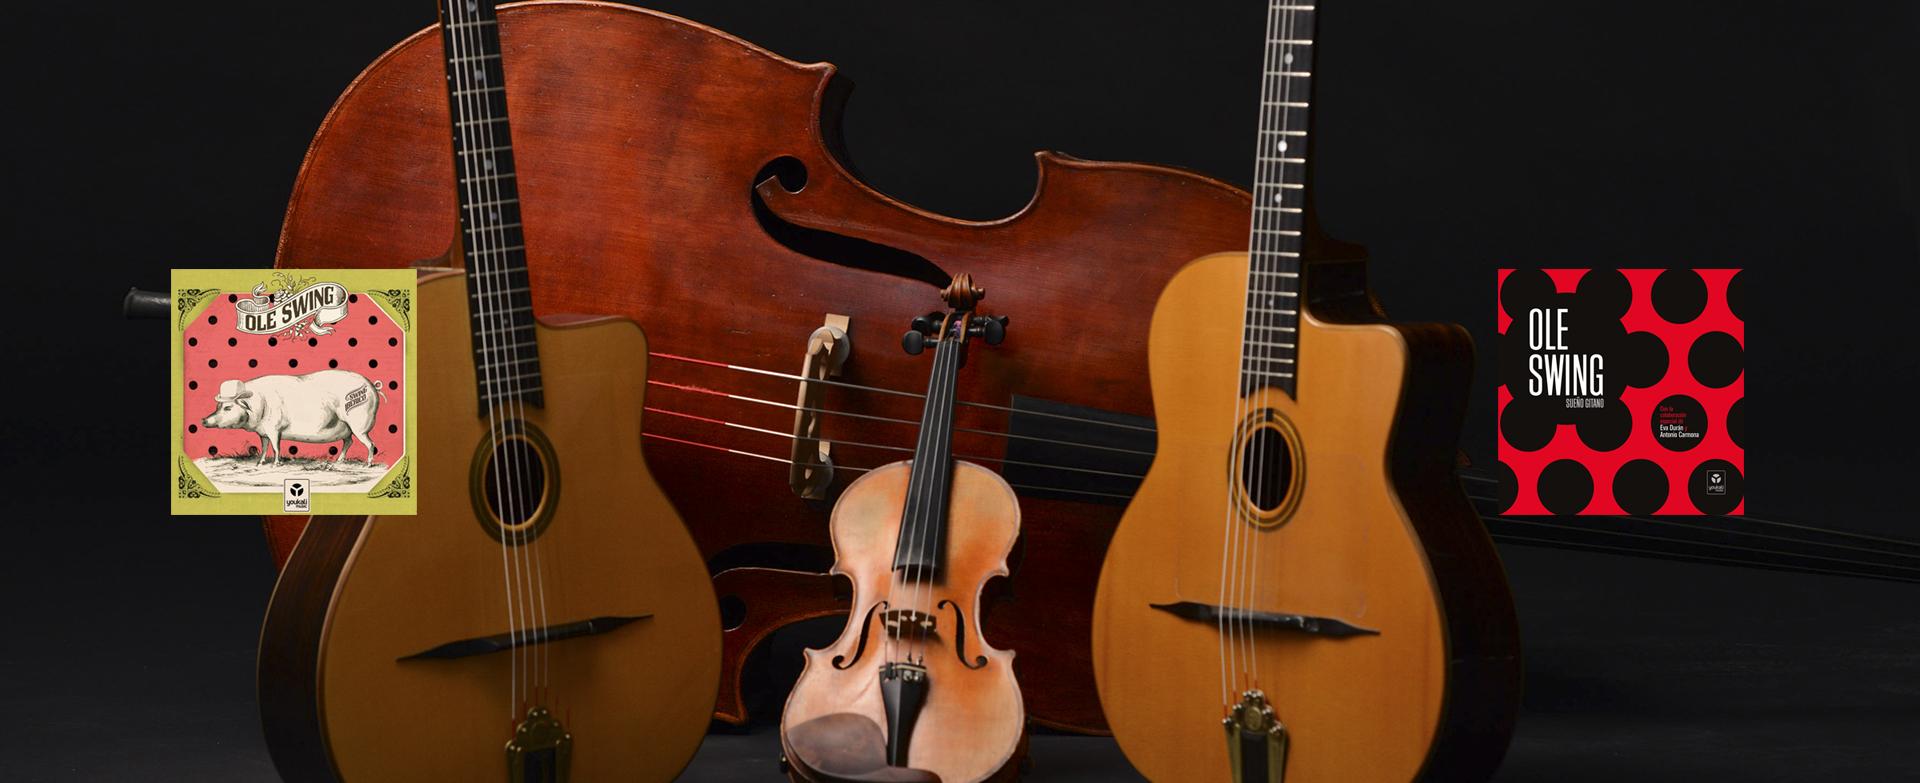 Ole Swing imagen instrumentos y discos